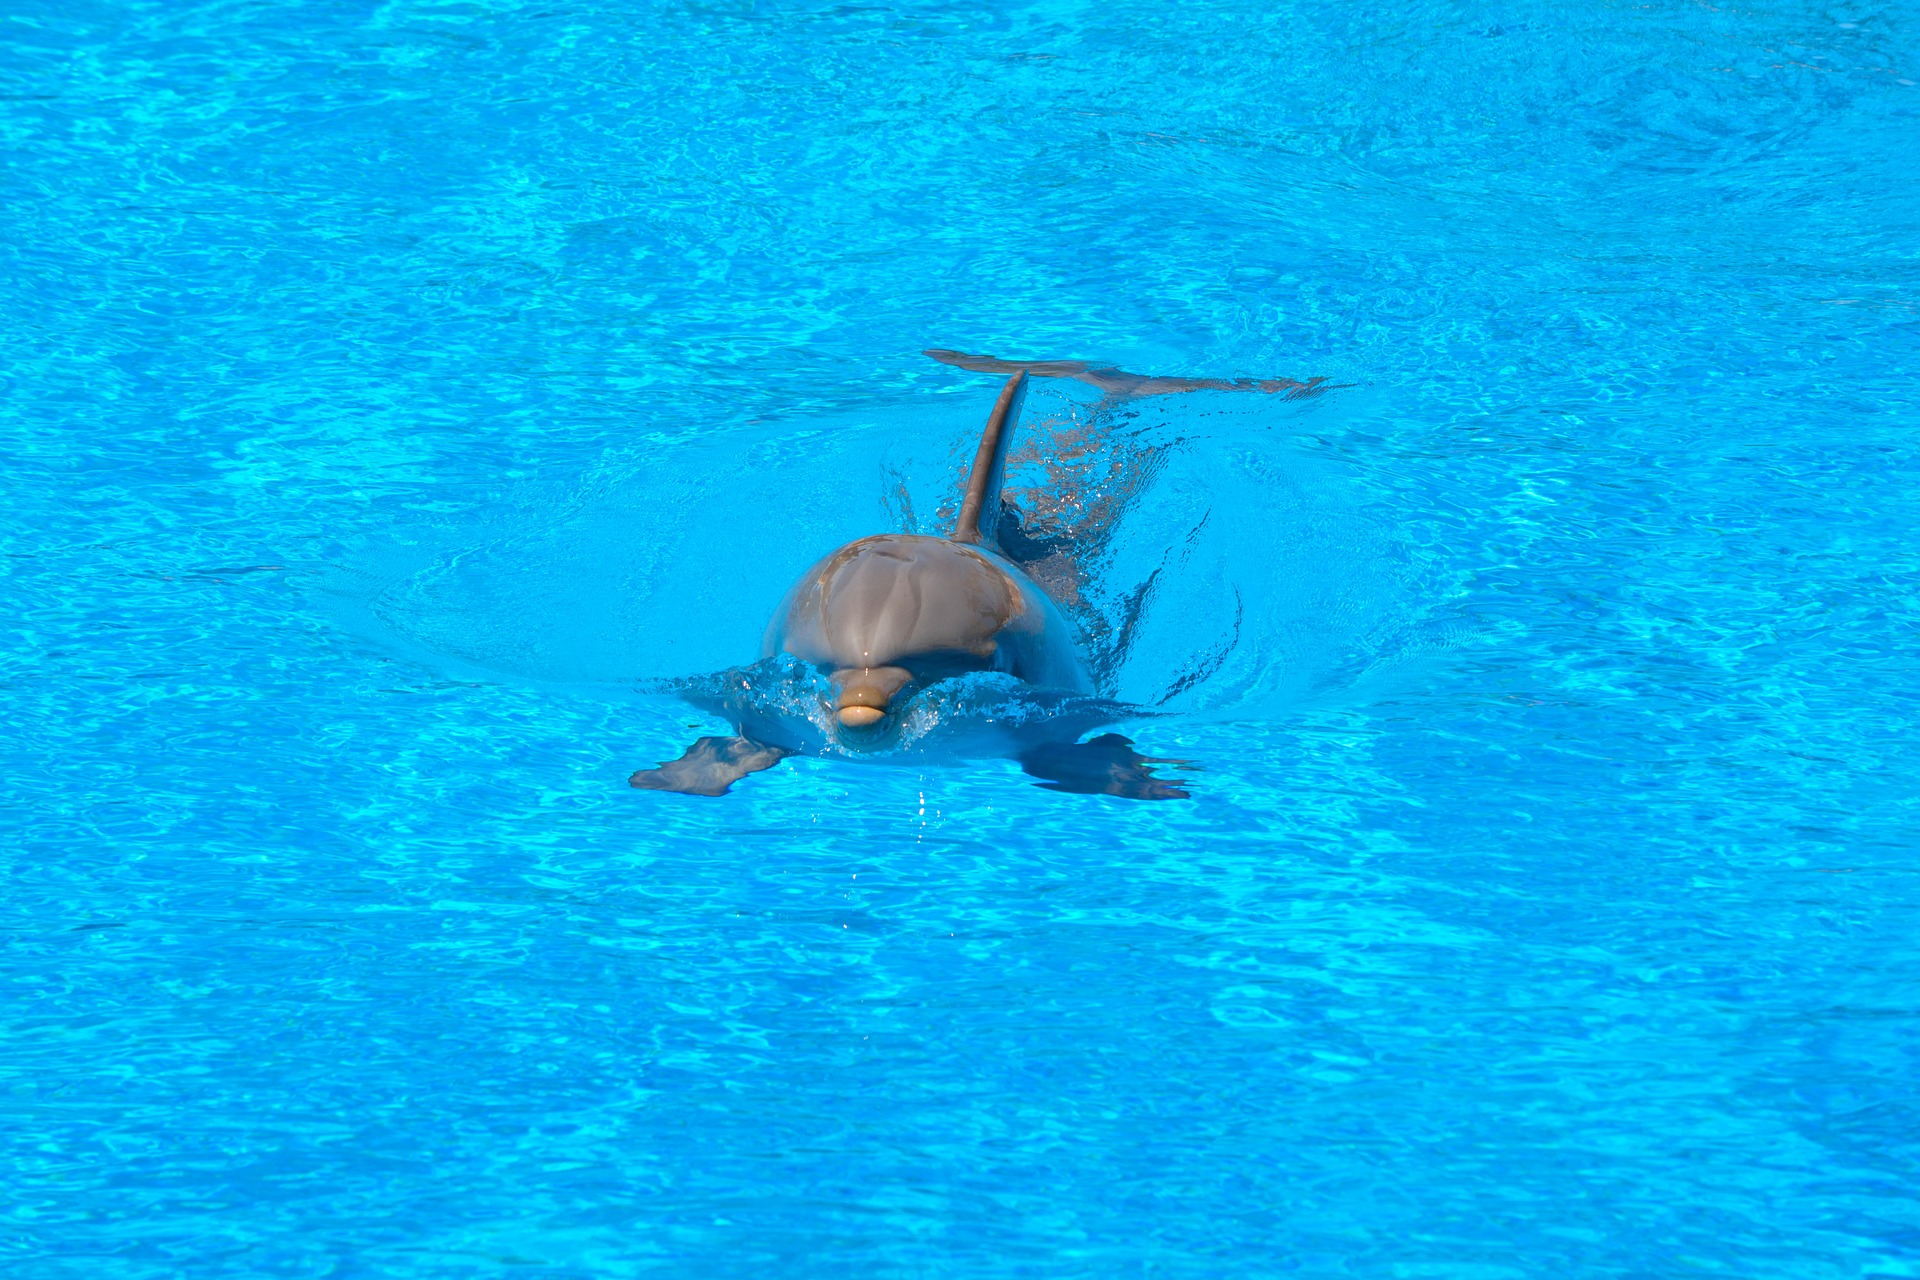 Delfino, piscina, acqua, nuotare, Blu - Sfondi HD - Professor-falken.com